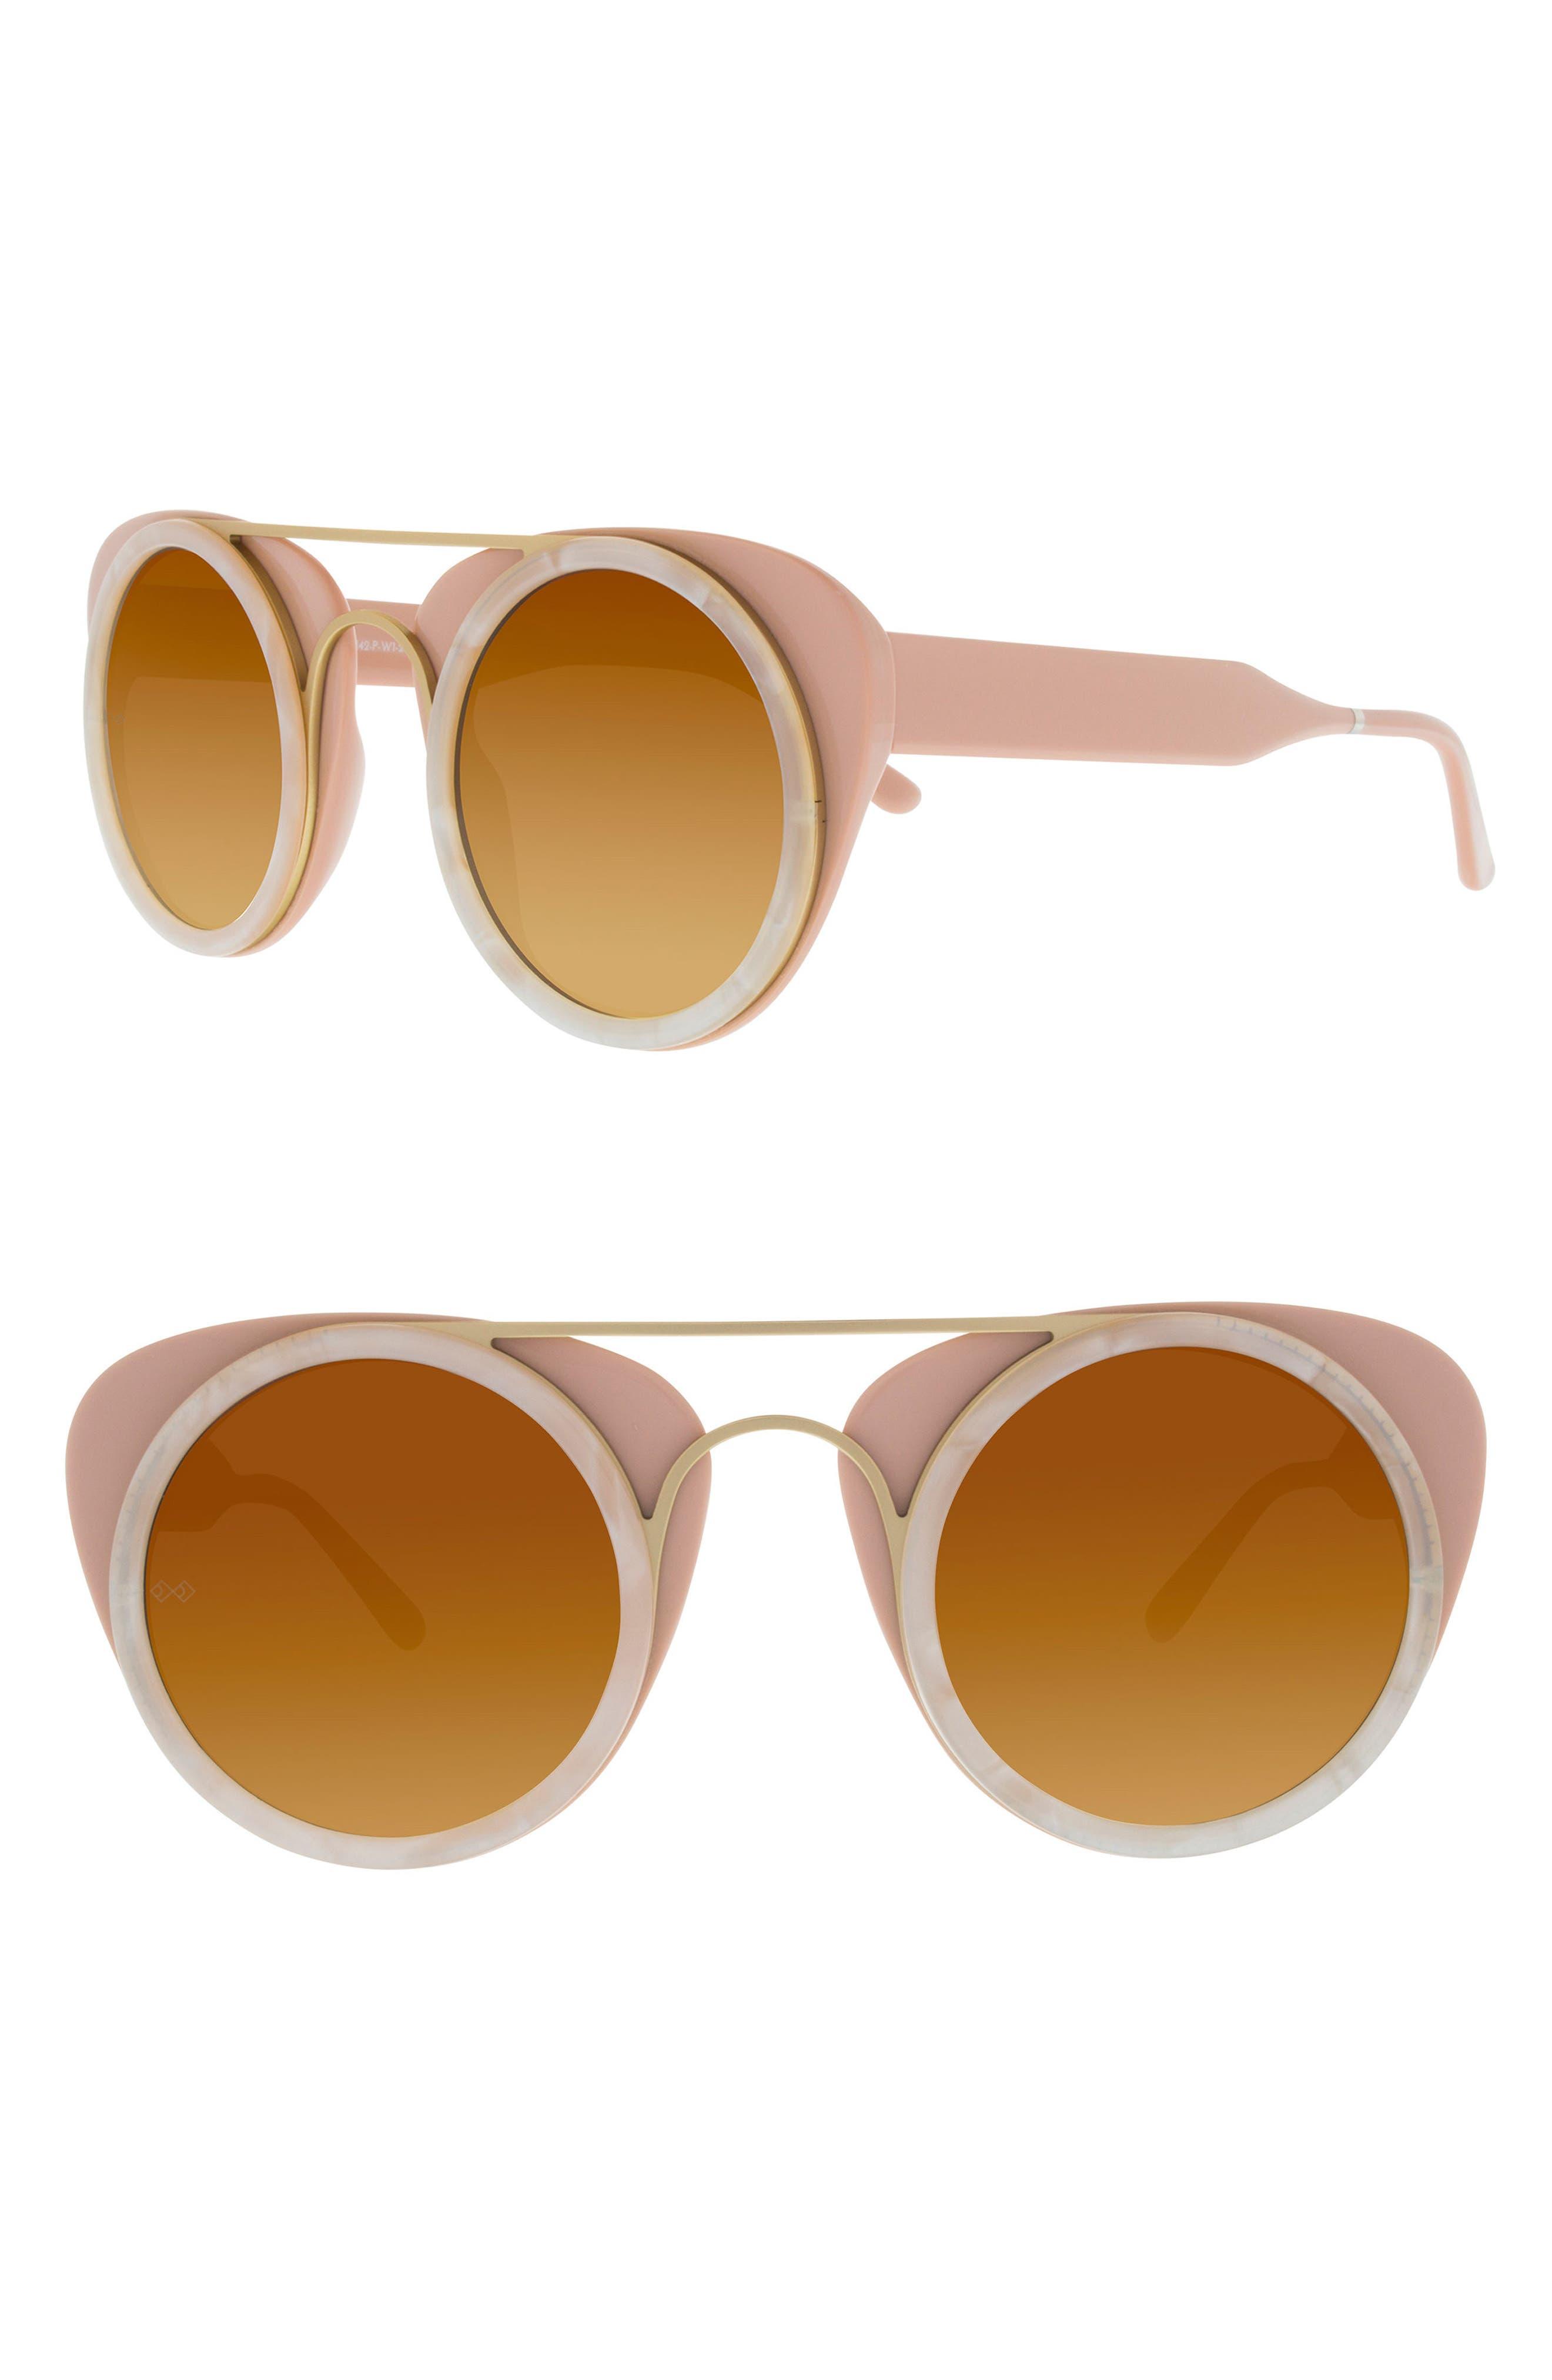 Main Image - SMOKE X MIRRORS Soda Pop 3 47mm Round Sunglasses